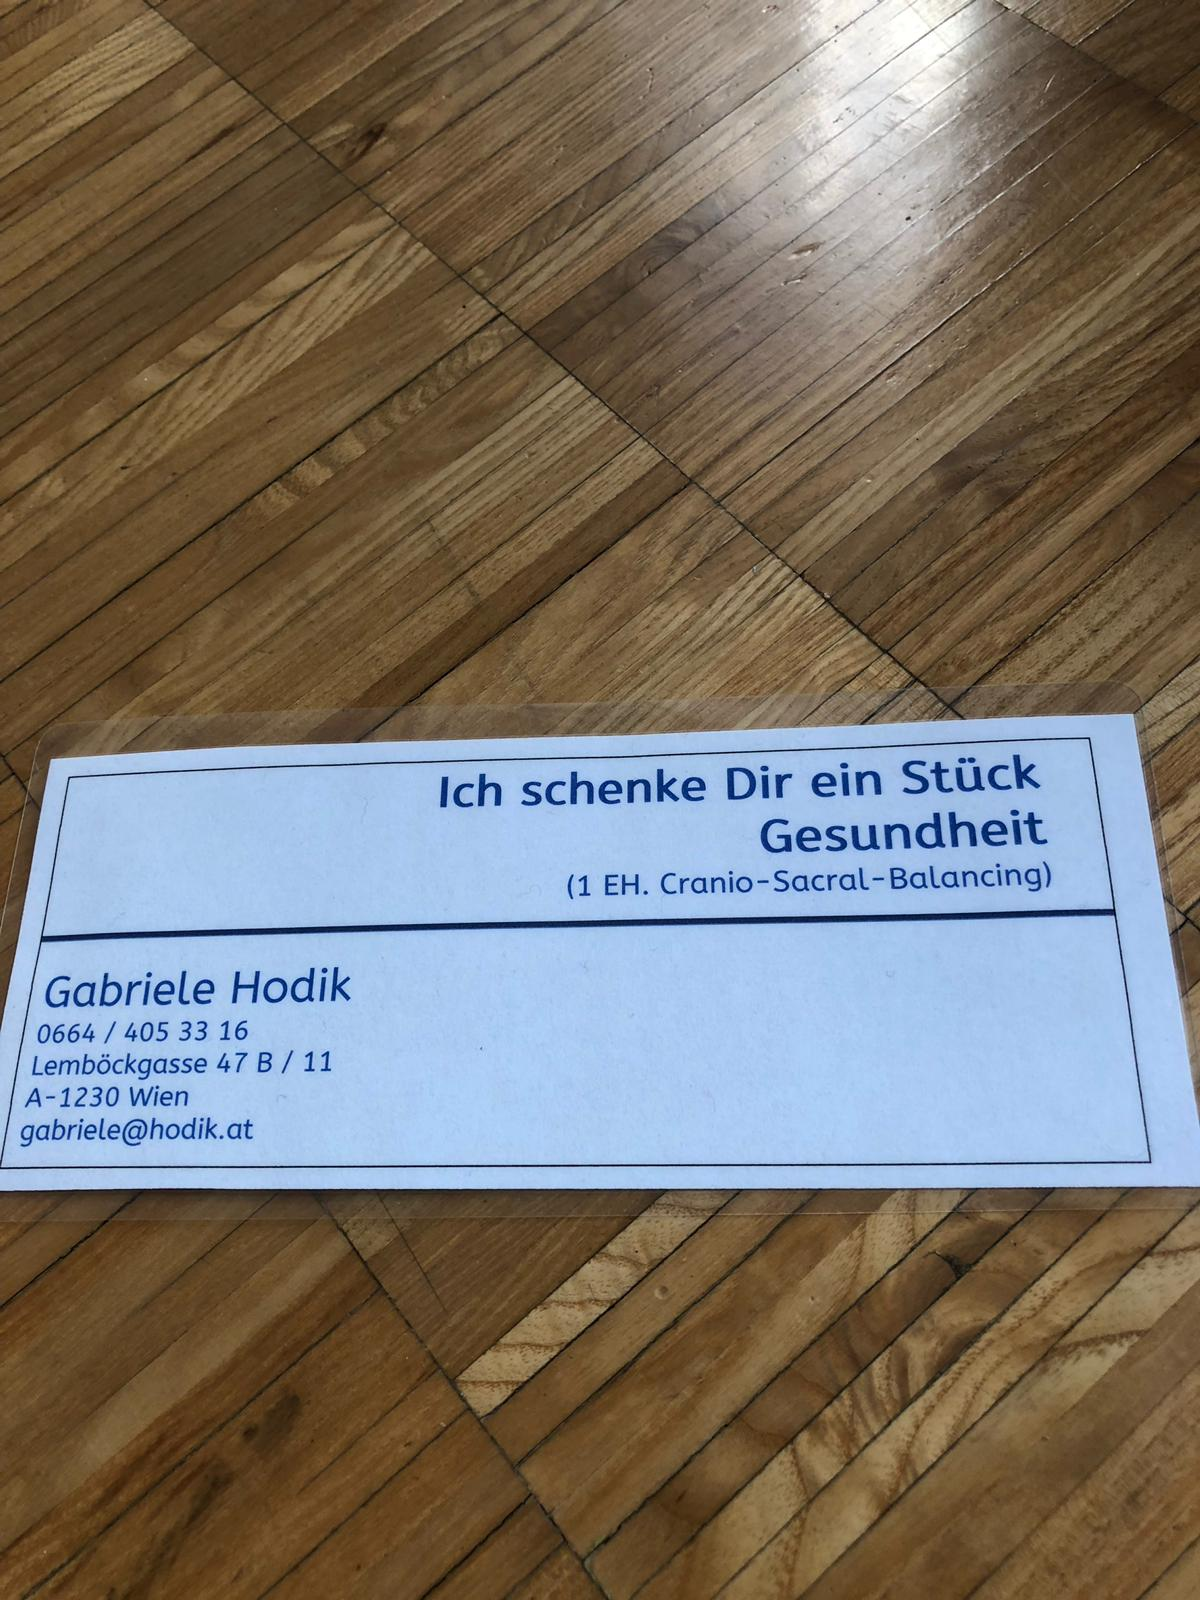 Gabriele Hodik im Wert von 120 Euro